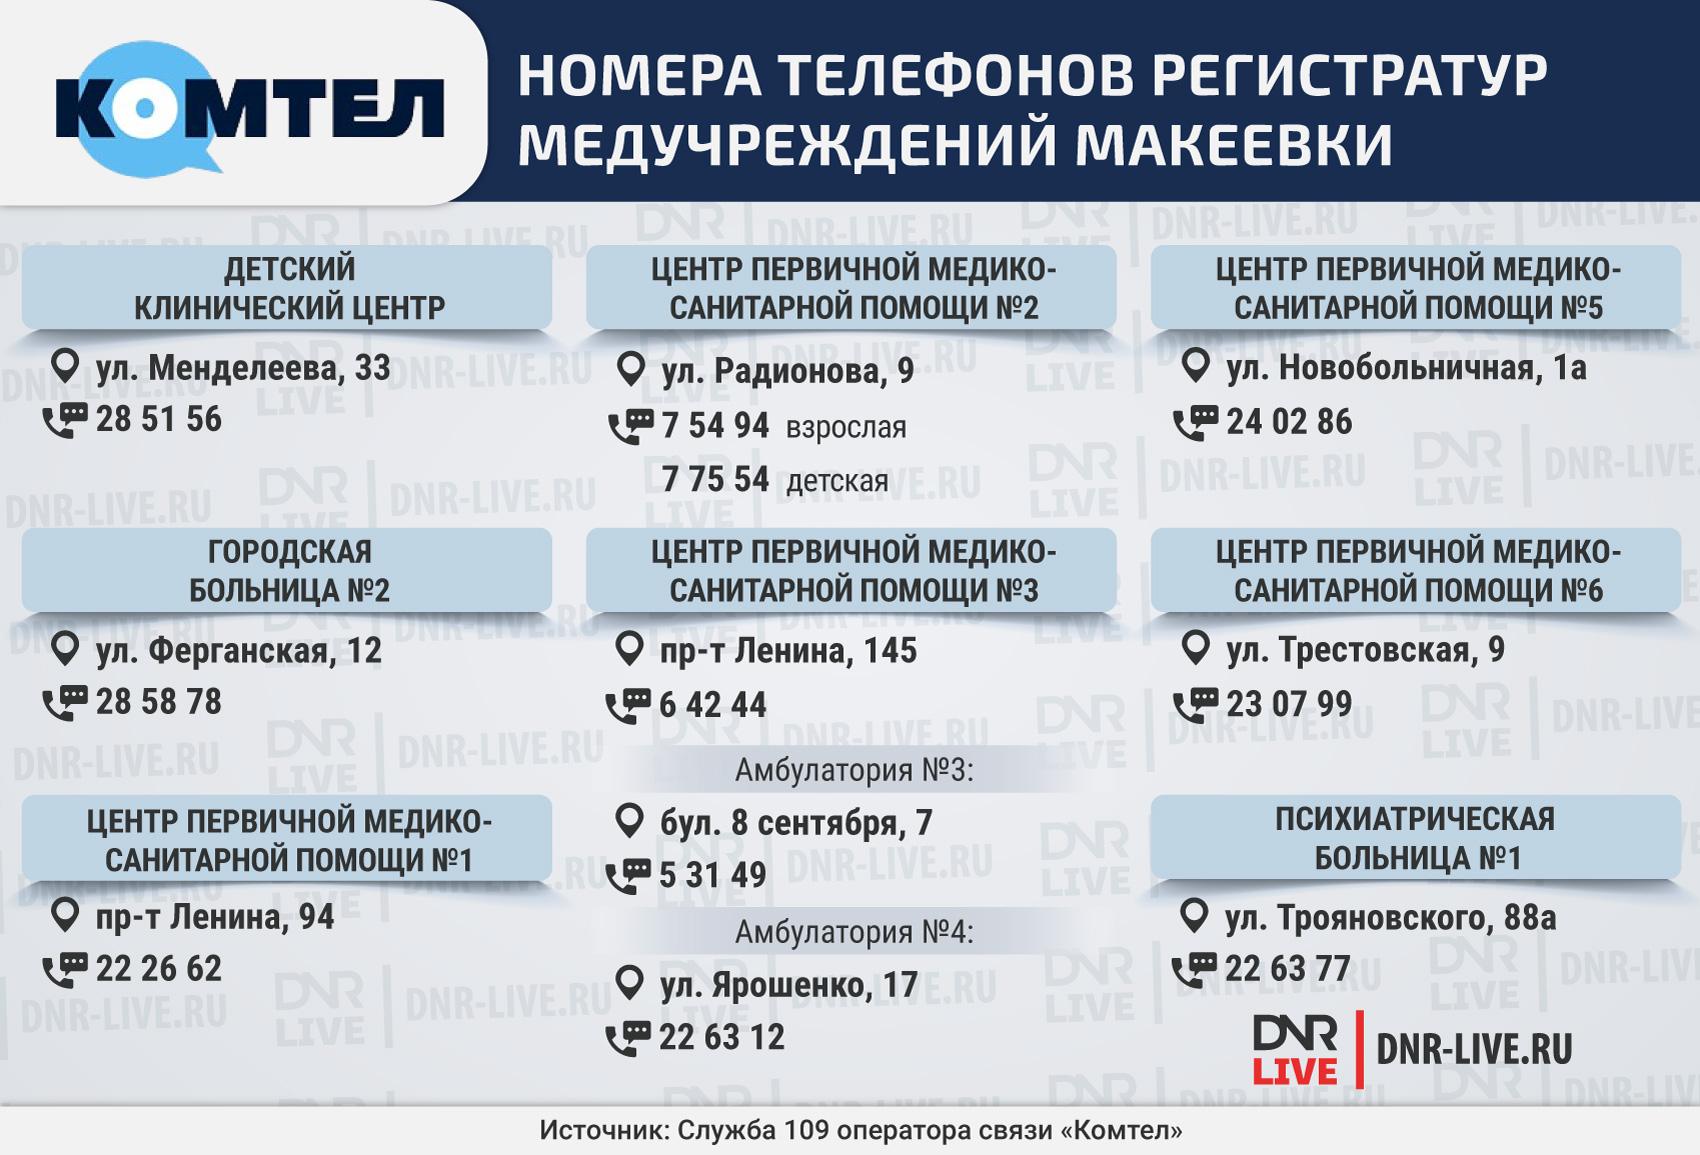 номера телефонов регистратур медучреждений макеевки